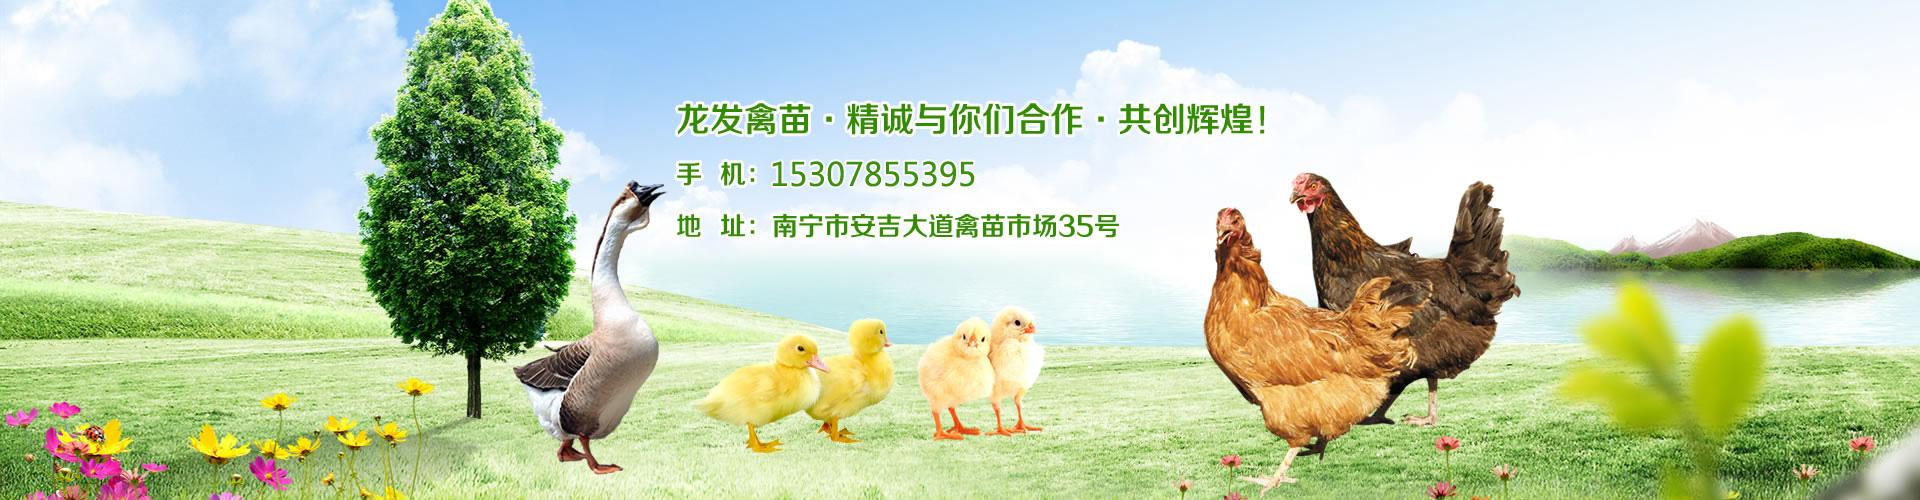 广西鸡苗销售|广西鸭苗销售